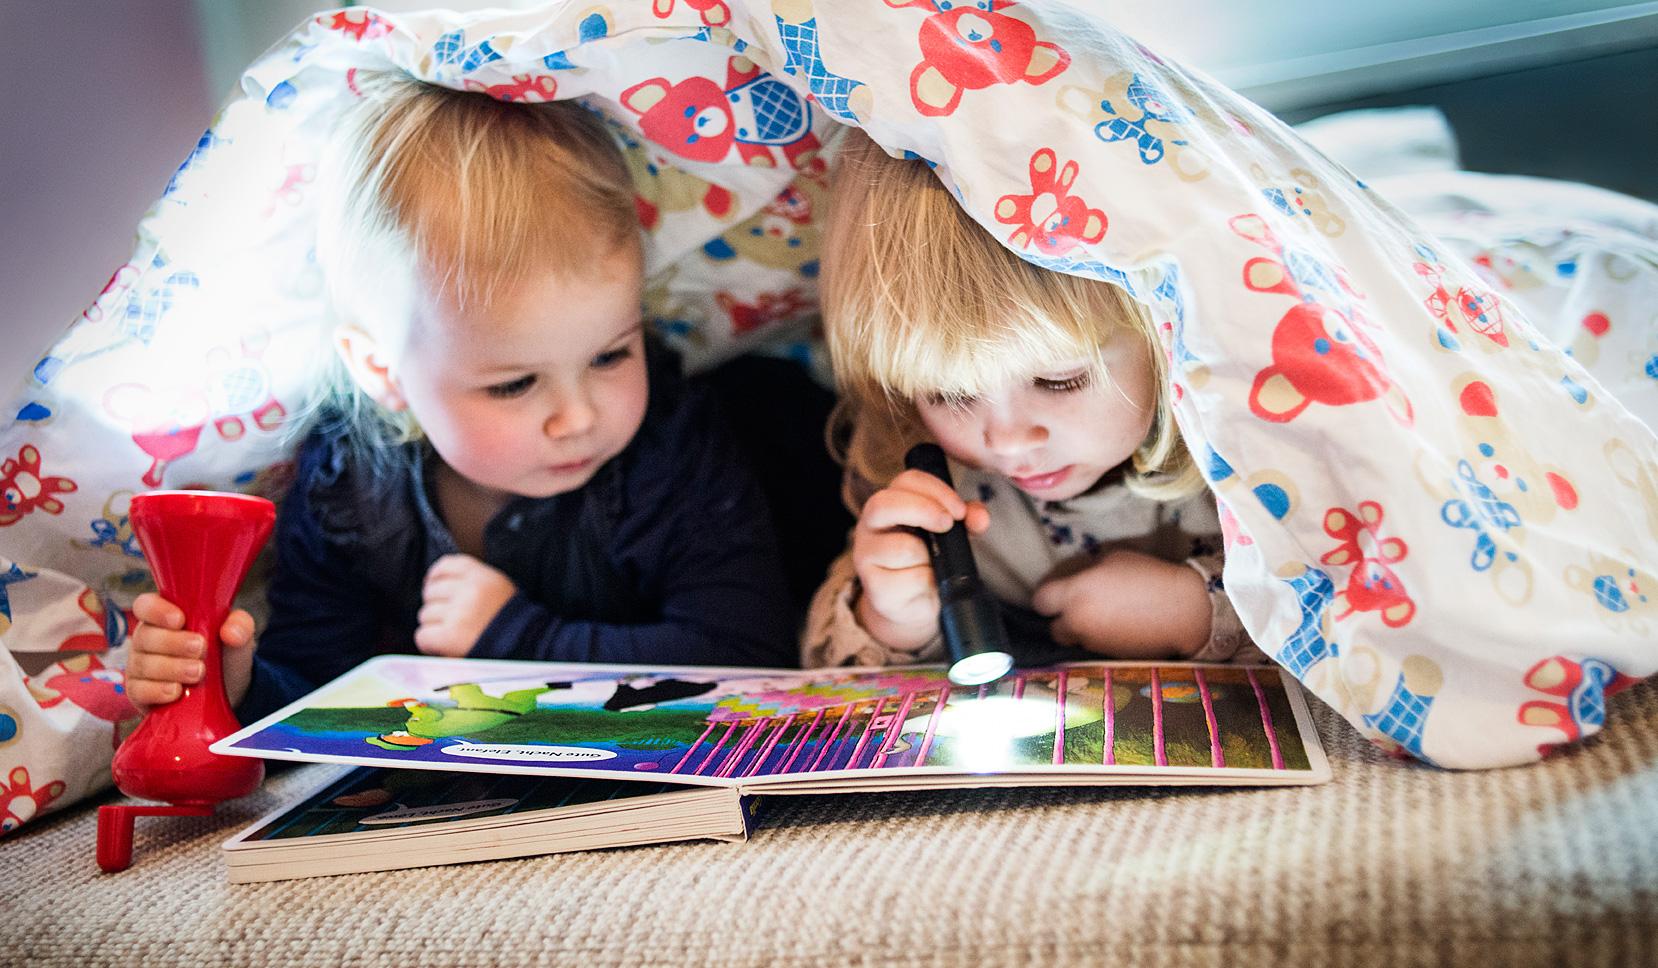 Nachweislich fördert (Vor)Lesen die Fantasie, Konzentration und Geduld von Kindern | Bild: presse/Librileo